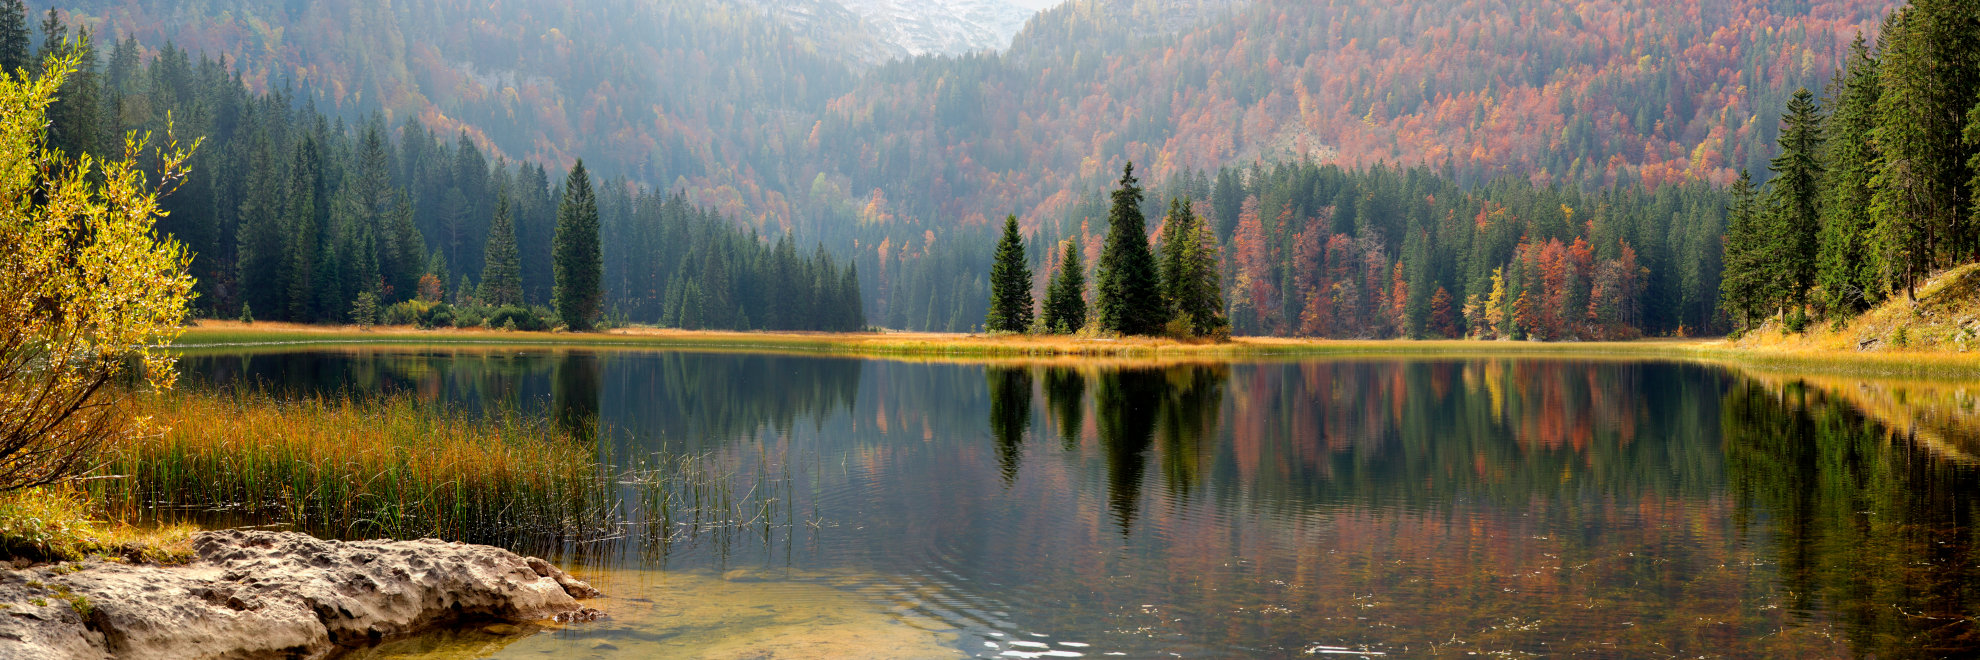 Aufnahme von Obersee auf niederer Unternehmensbegleitung - Kontakt